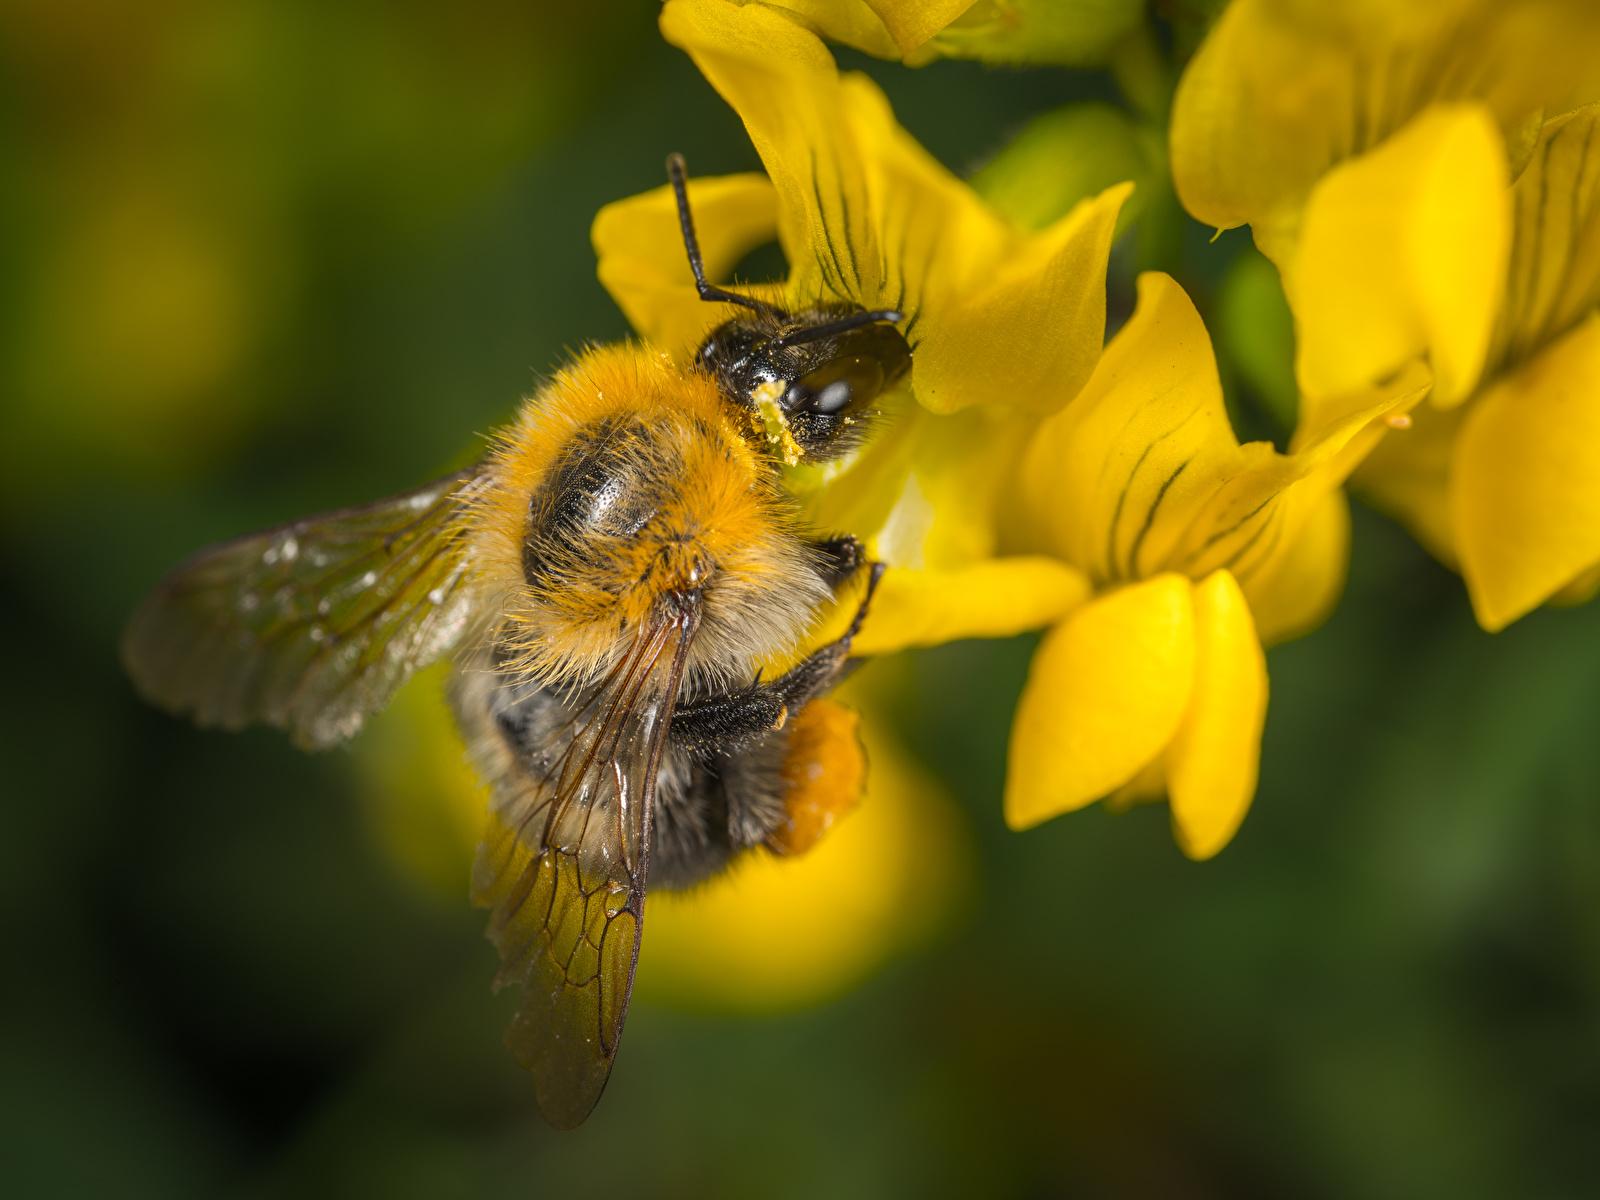 Foto Bienen Insekten unscharfer Hintergrund hautnah ein Tier 1600x1200 Bokeh Tiere Nahaufnahme Großansicht